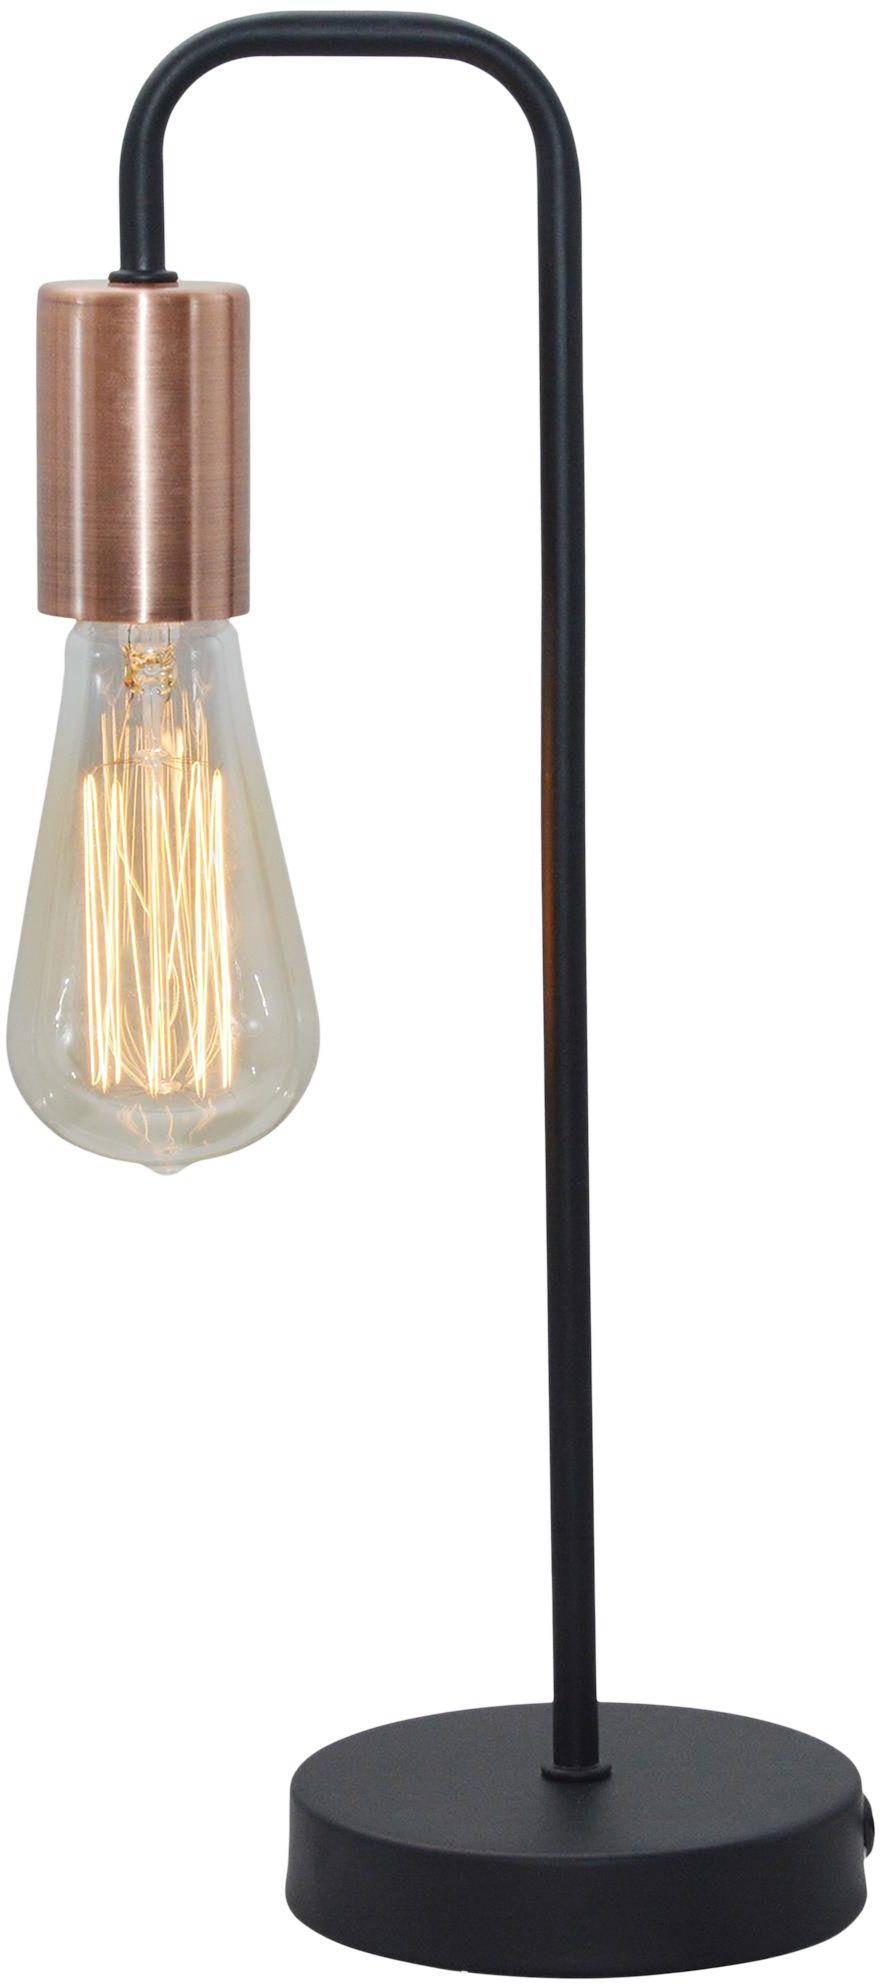 Candellux HERPE 41-66862 lampa stołowa czarna 1X60W E27